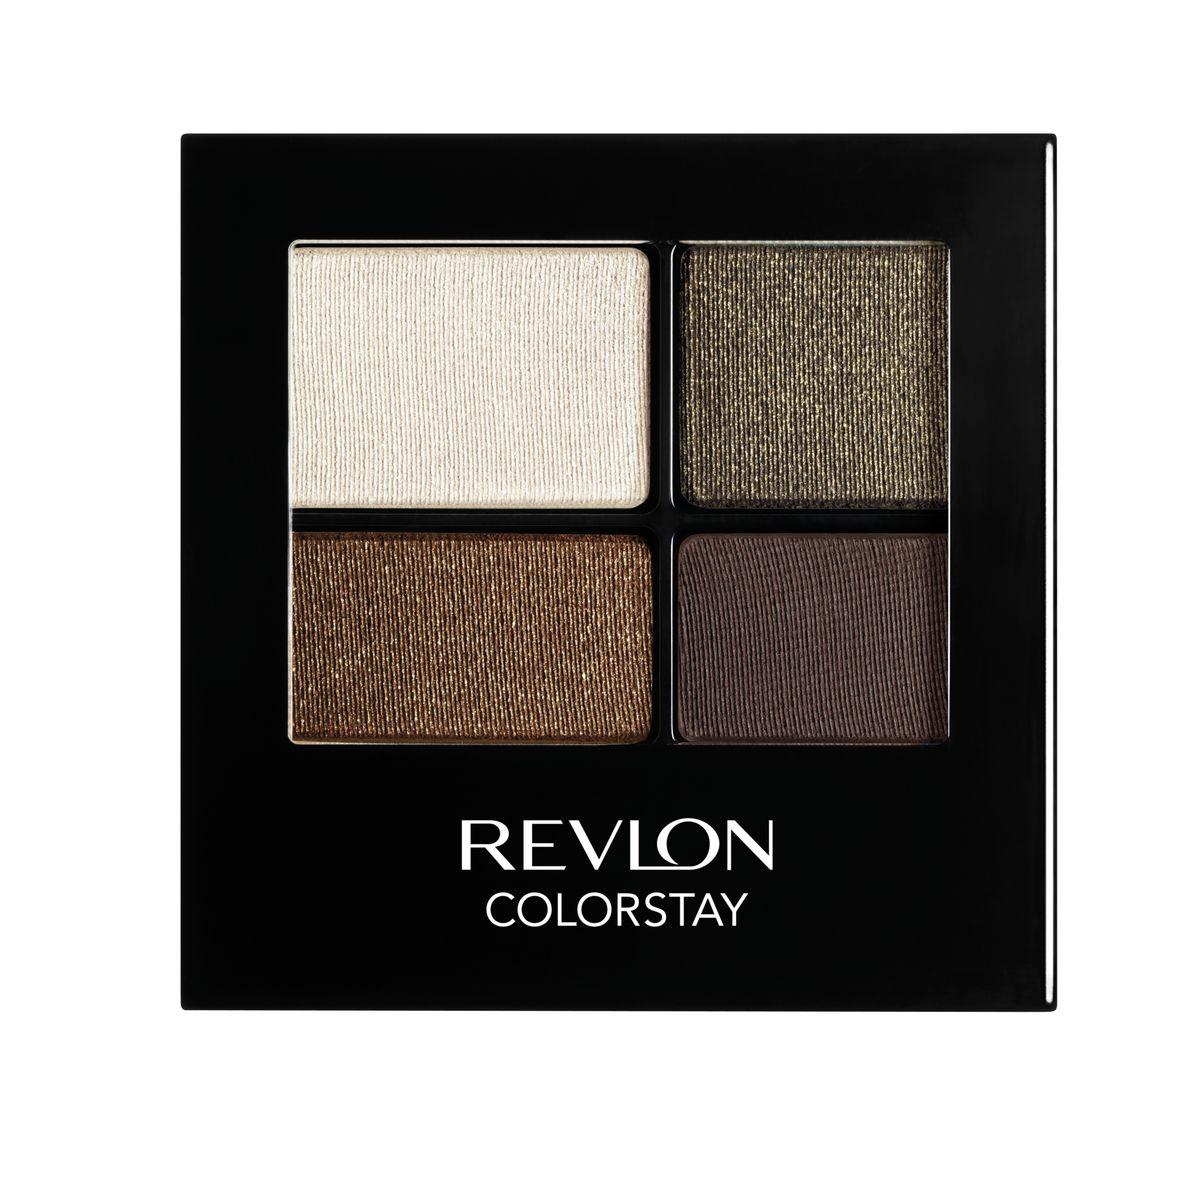 Revlon Тени для Век Четырехцветные Colorstay Eye16 Hour Eye Shadow Quad Adventurous 515 42 г7210767004Colorstay 16 Hour Shadow - роскошные тени для век с шелковистой текстурой и невероятно стойкой формулой. Теперь ваш макияж сохранит свой безупречный вид не менее 16 часов! Все оттенки гармонично сочетаются друг с другом и легко смешиваются, позволяя создать бесконечное количество вариантов макияжа глаз: от нежных, естественных, едва заметных до ярких, выразительных, драматических. На оборотной стороне продукта приведена схема нанесения теней.